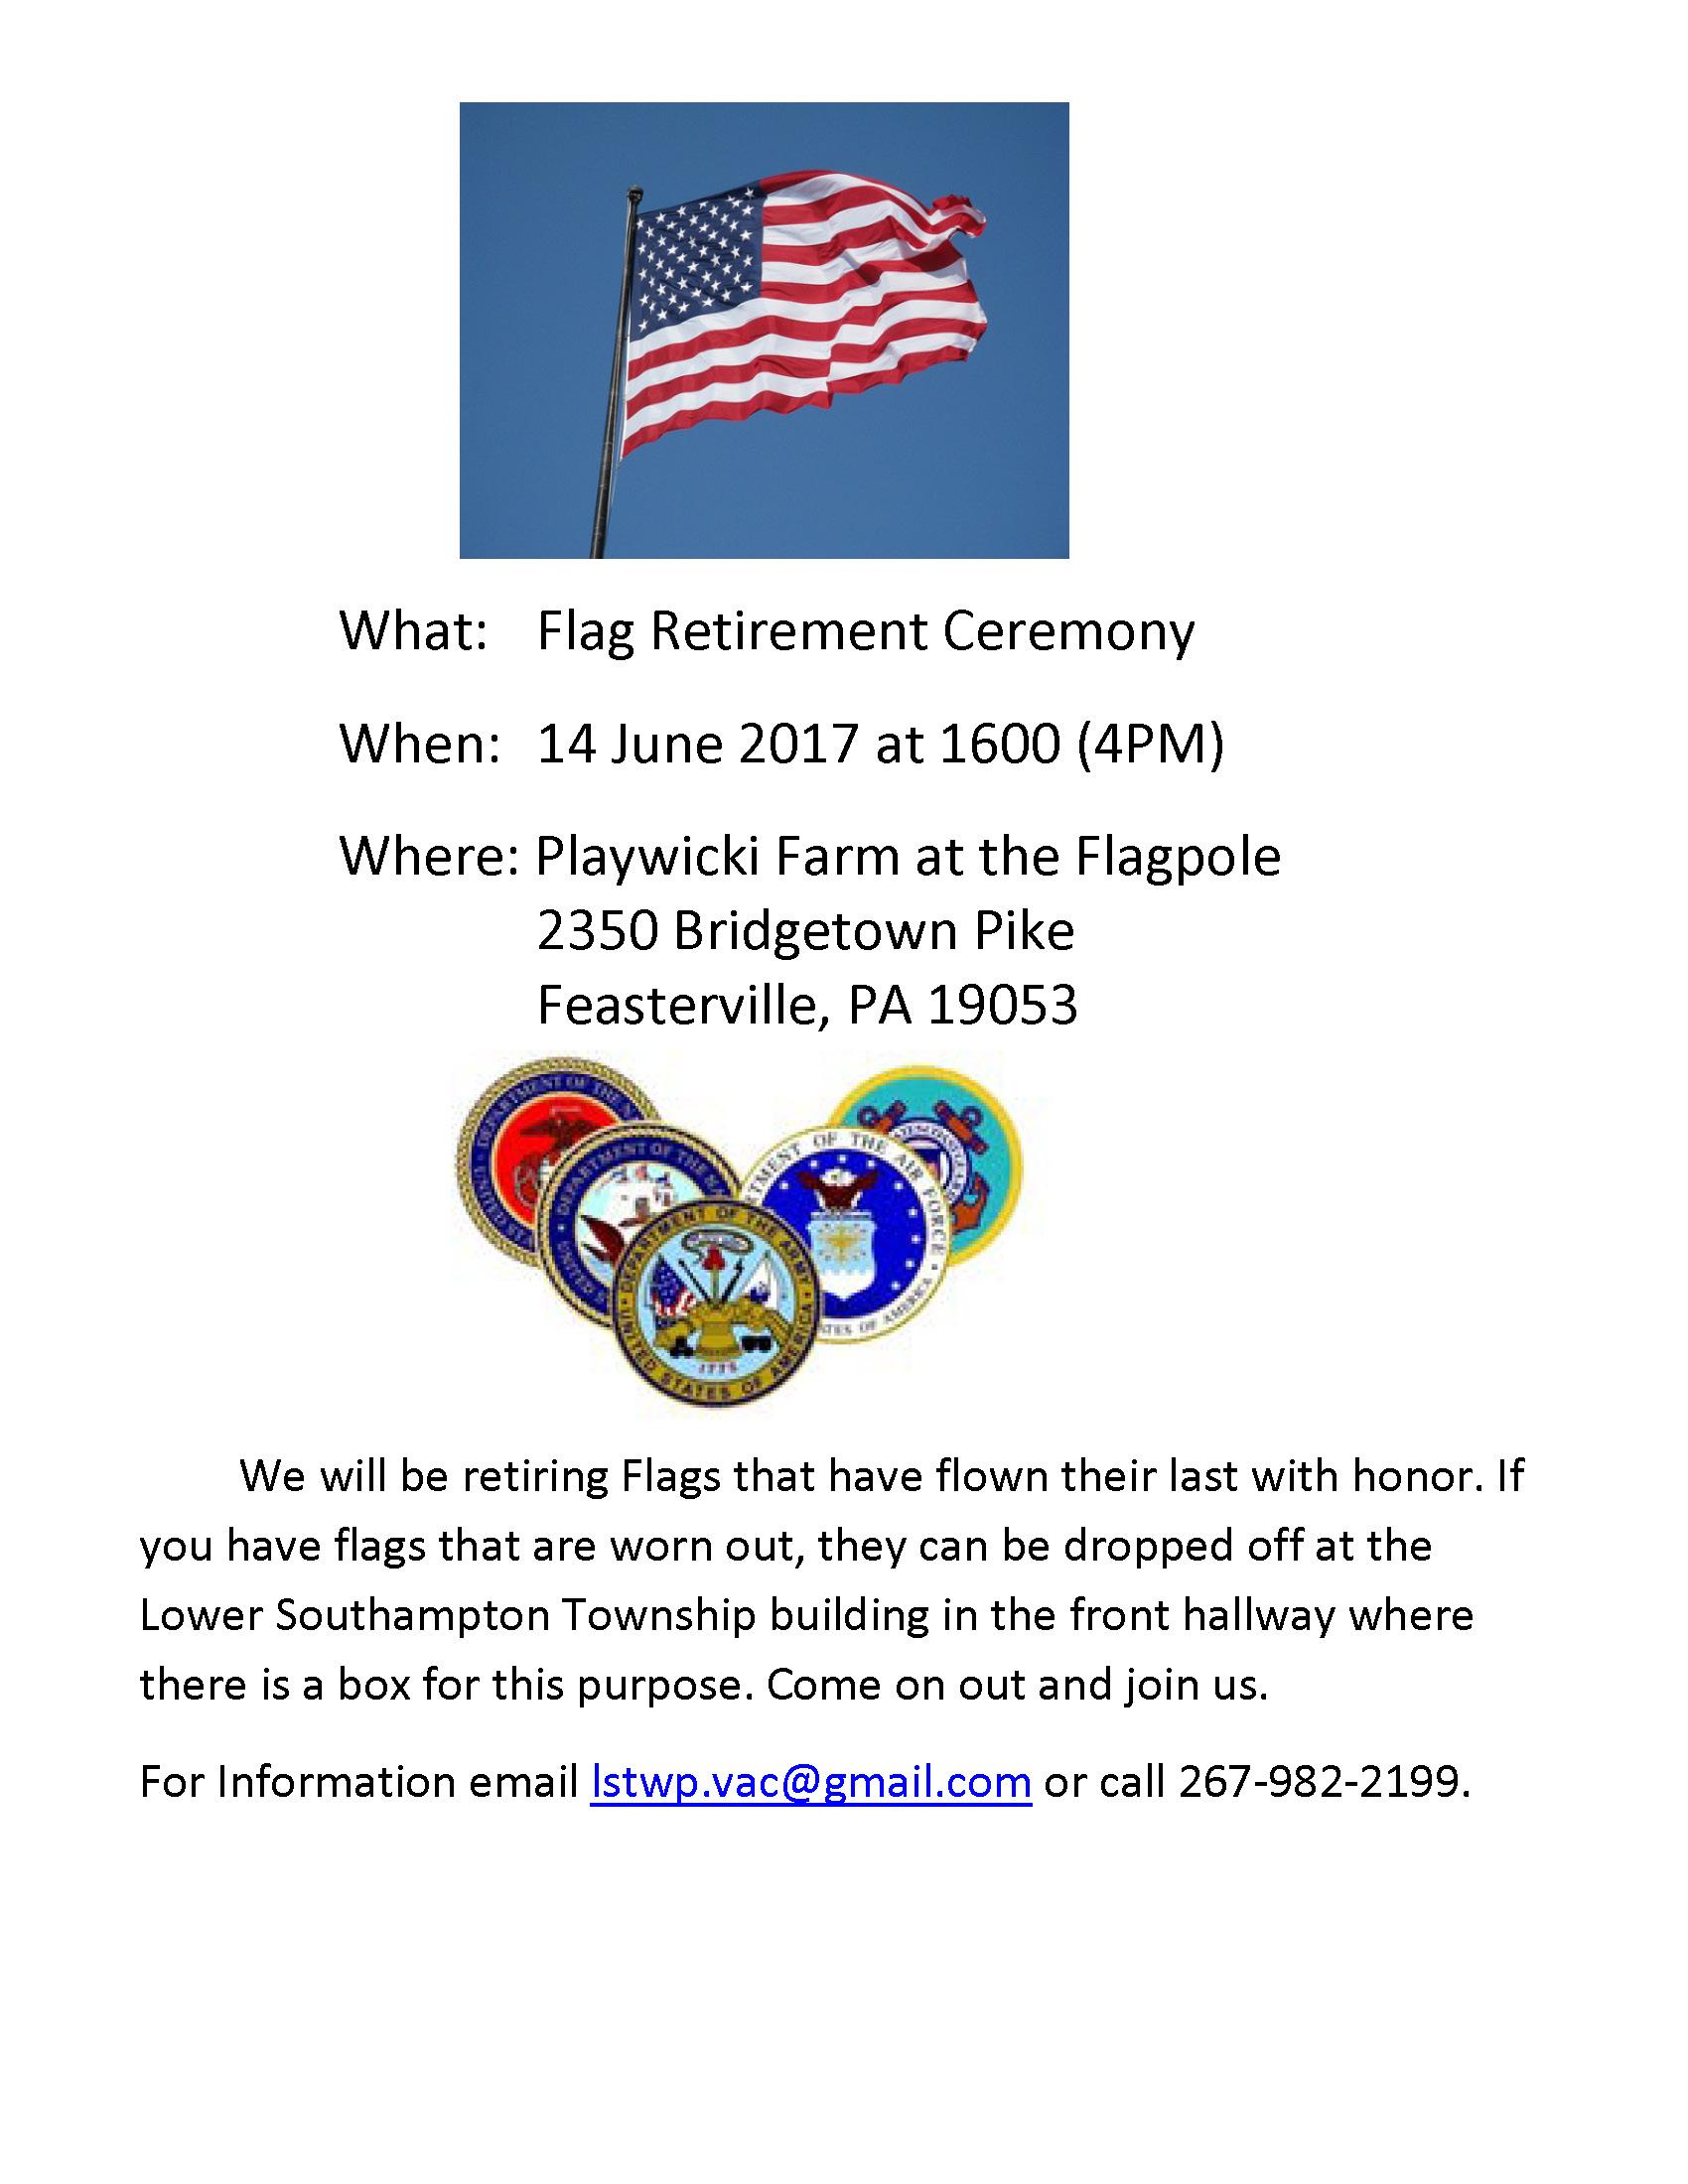 Flag Day Flier 2017